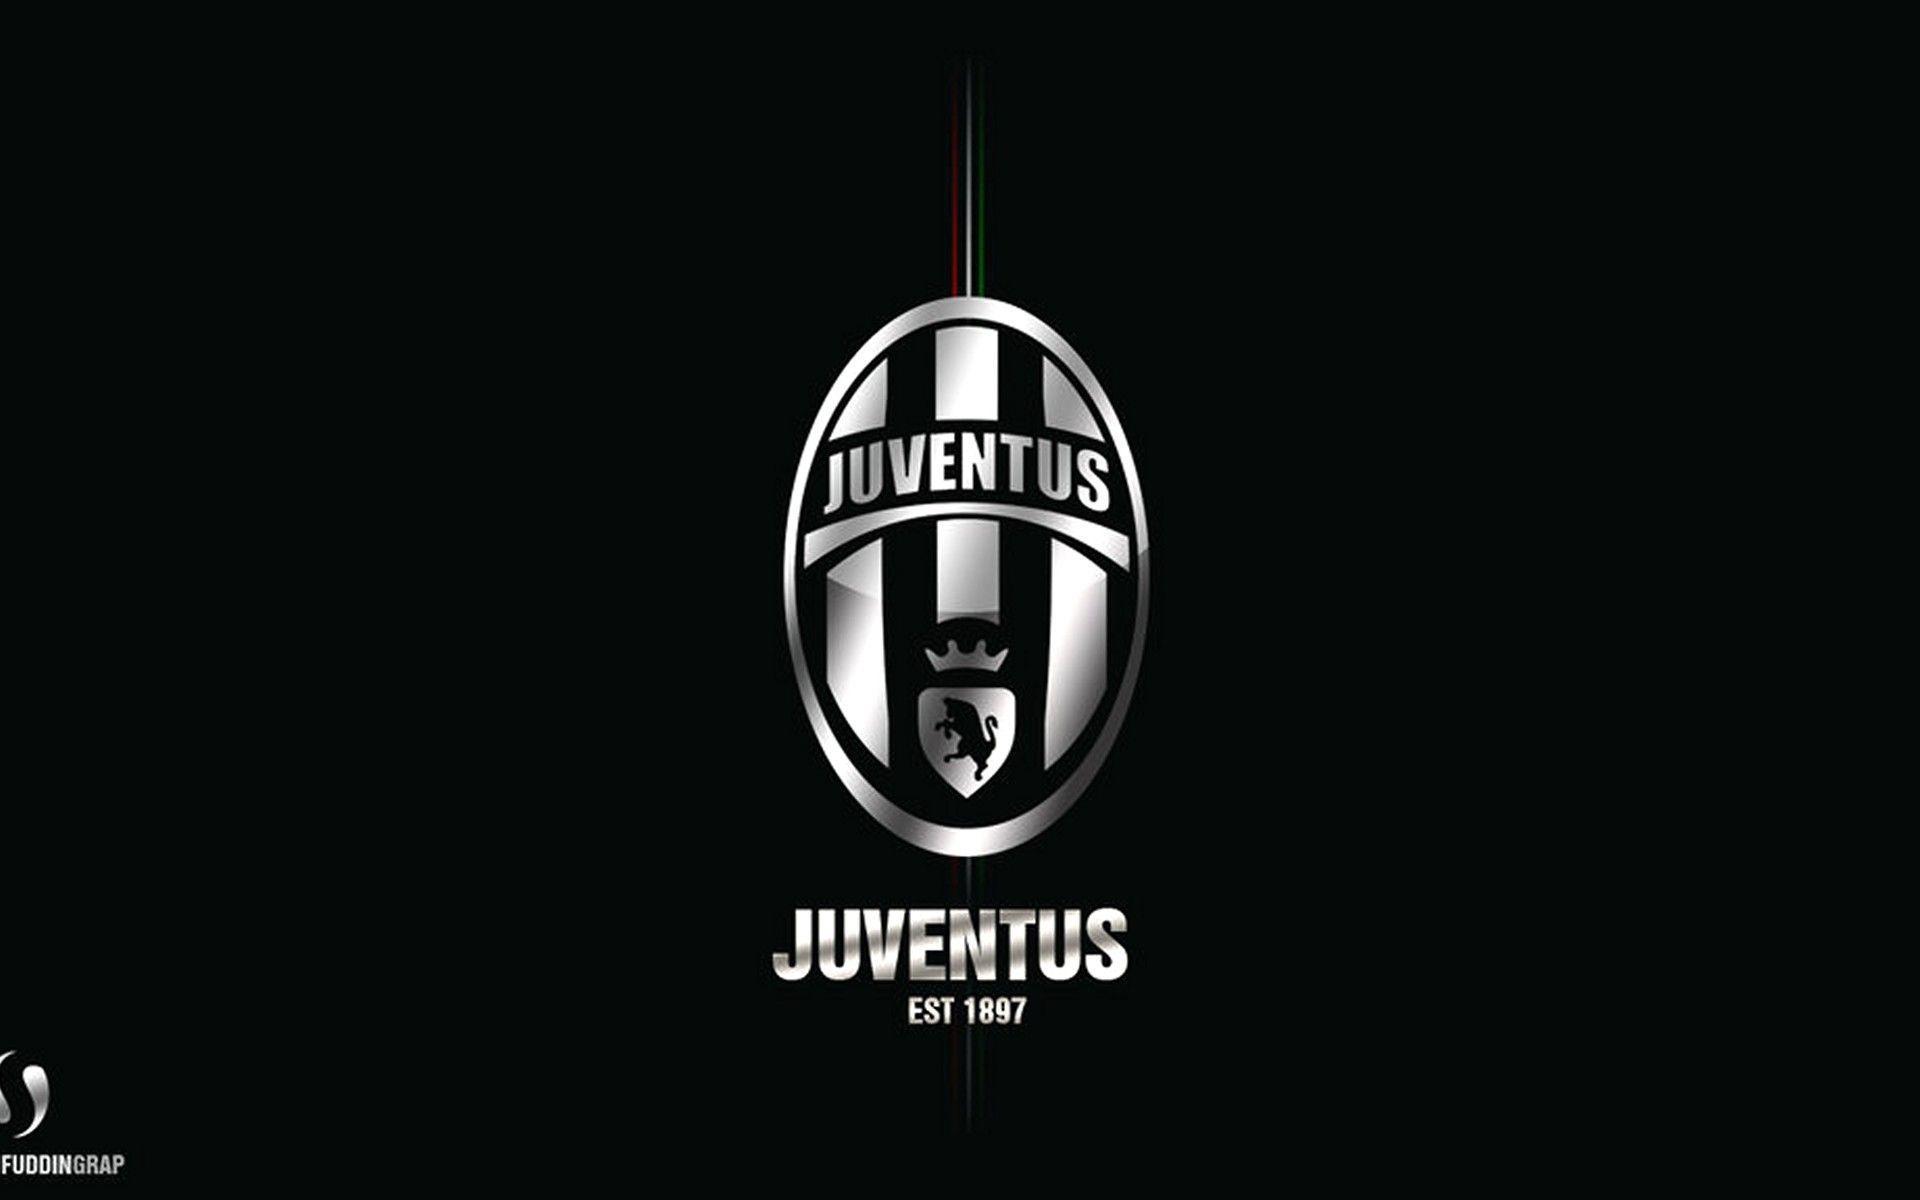 Juventus Wallpapers Download | Wallpaper Zone